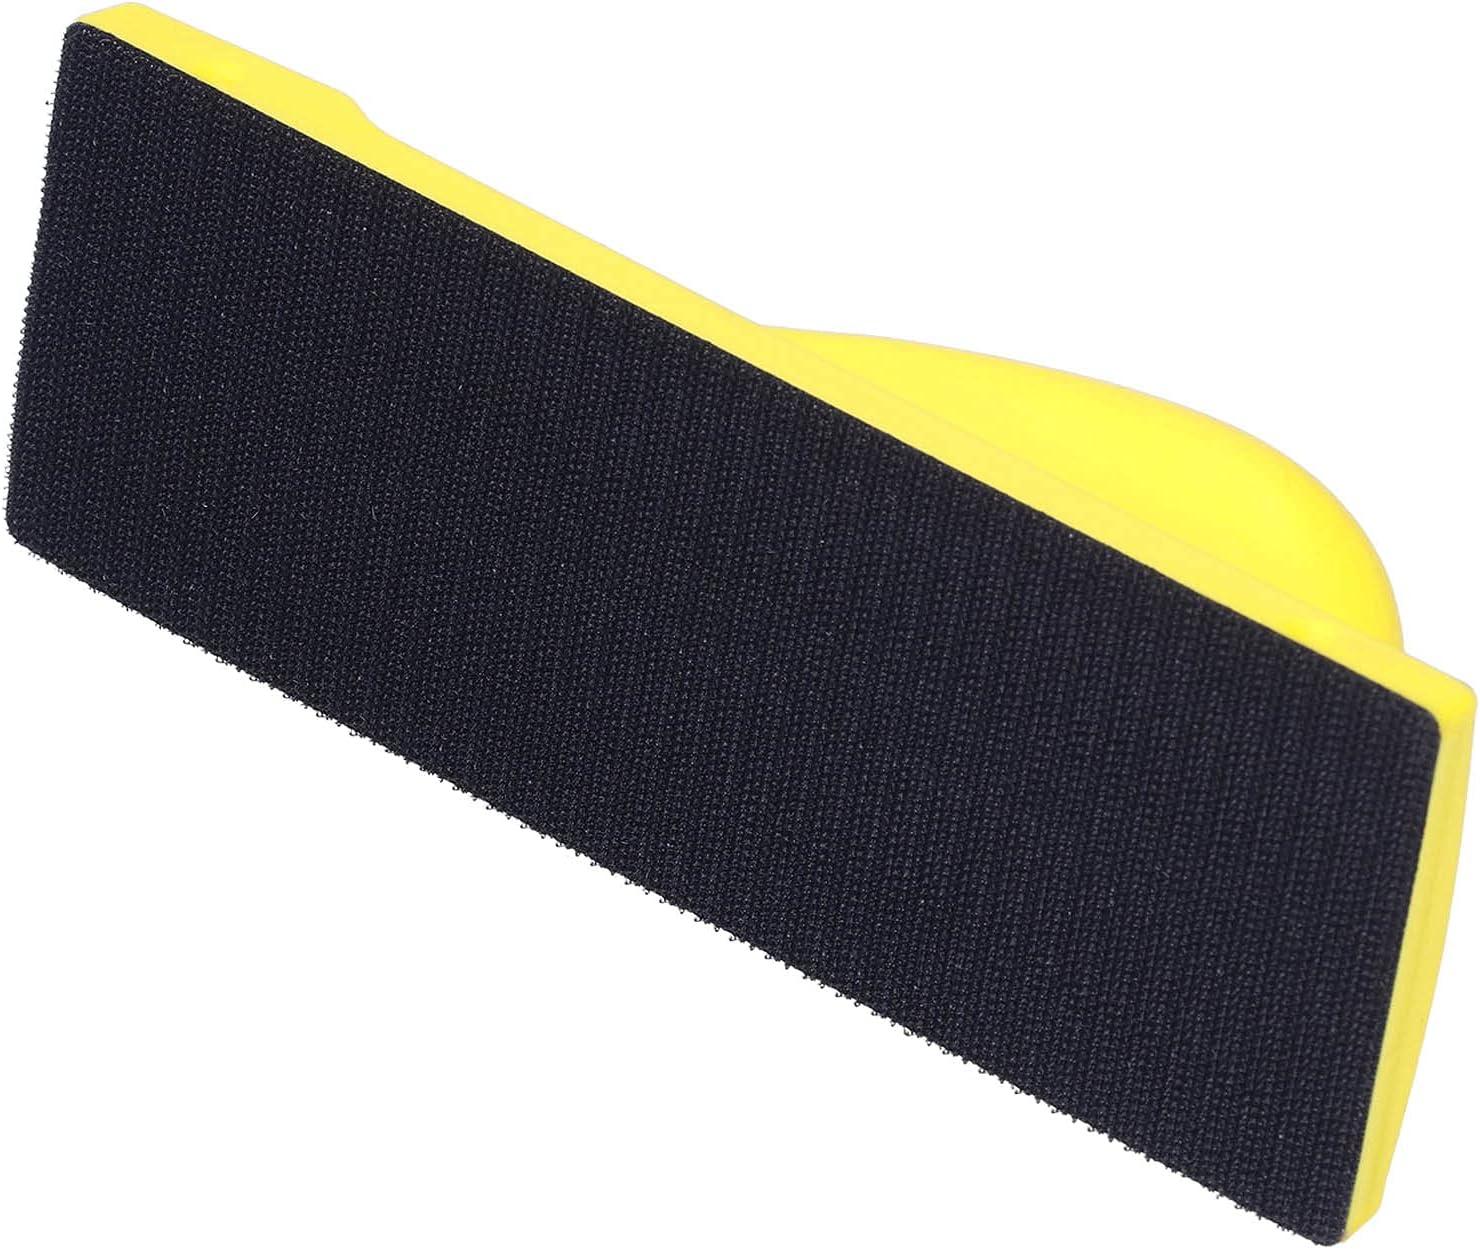 Long-awaited Hand Sanding Block Manufacturer direct delivery Premium Lightweight Foam Pads PU